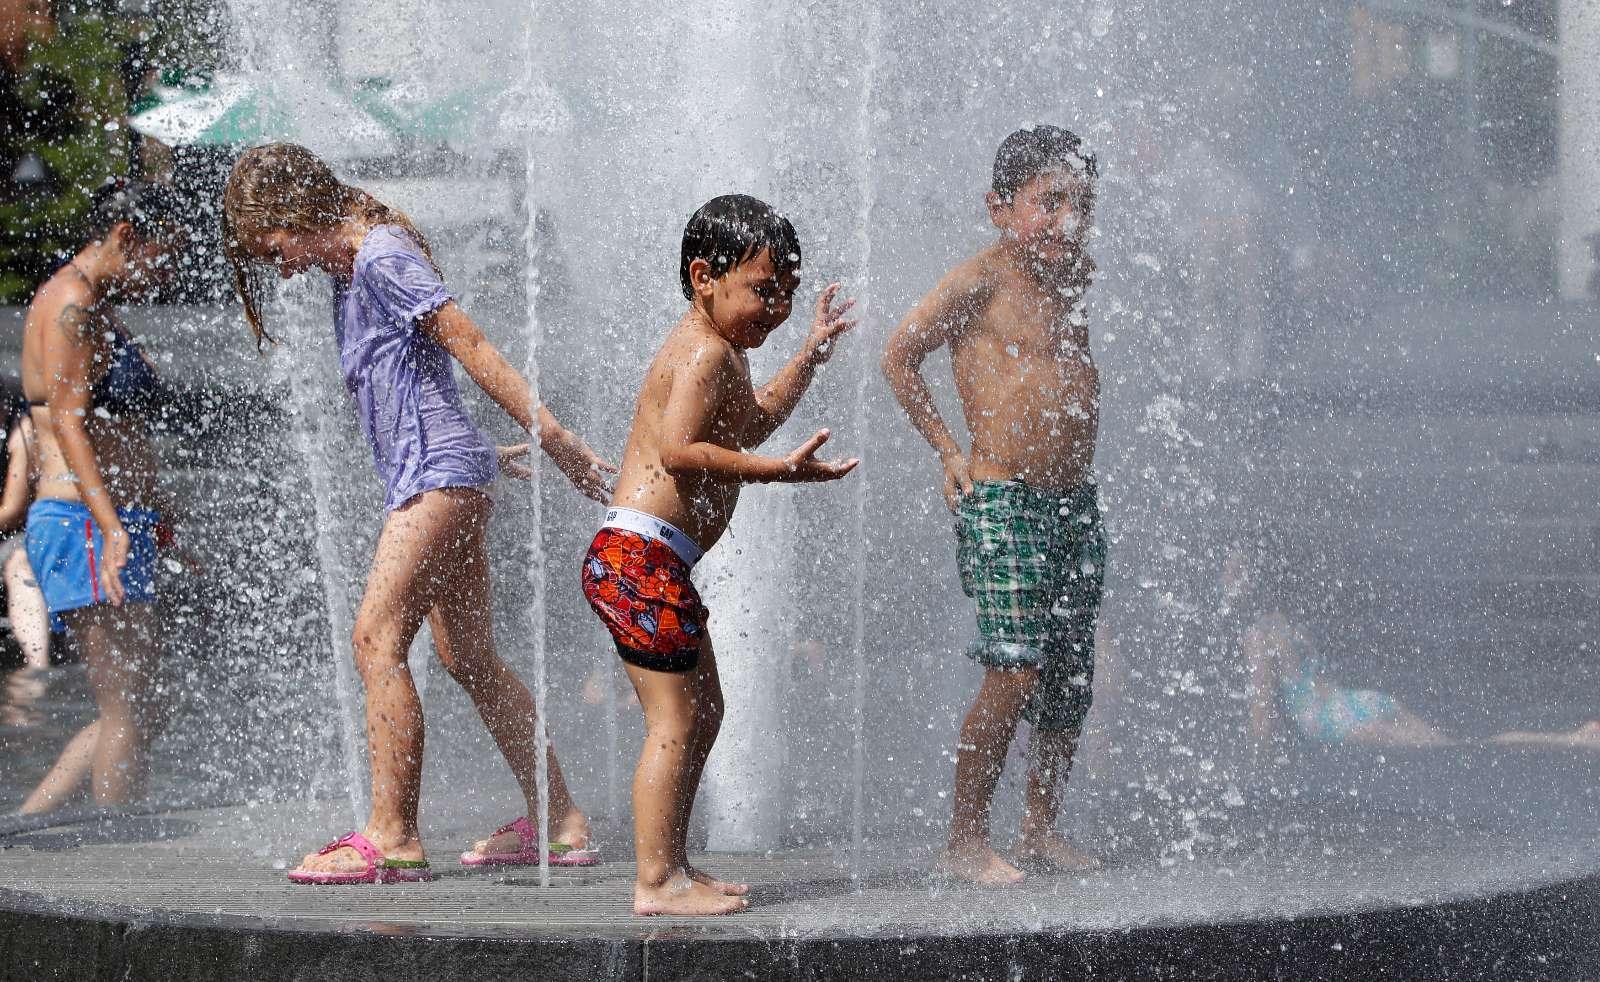 Quando o calor aperta... Fotos bizarras ou apenas fresquinhas (Reuters)